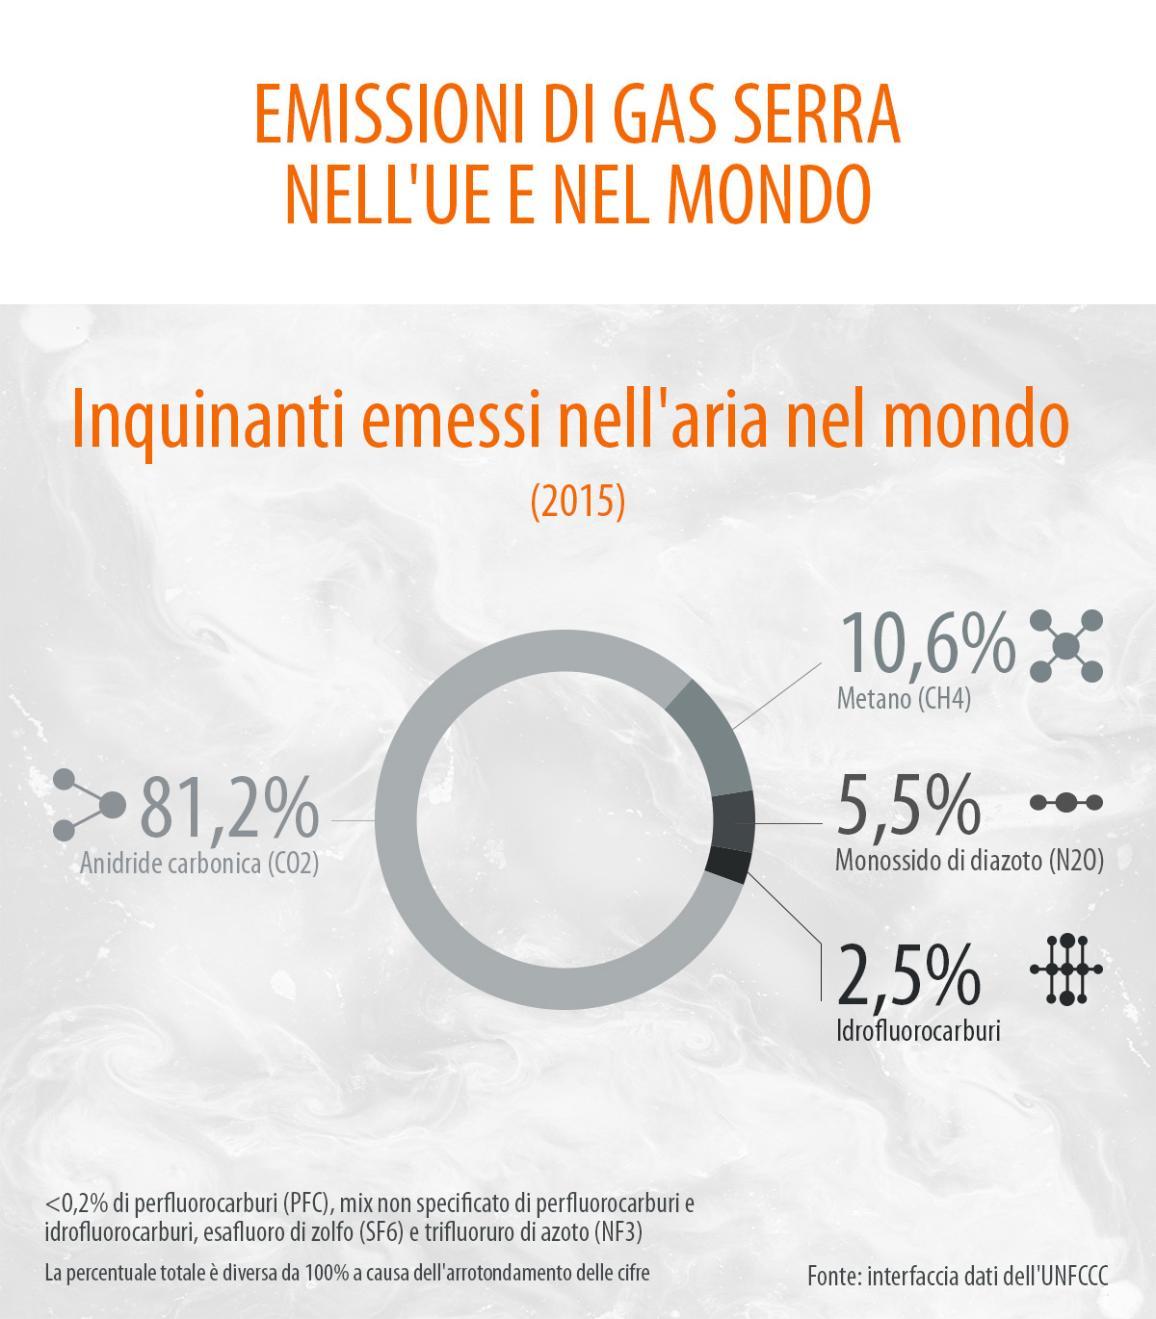 Infografica sulle emissioni di gas serra prodotte nell'UE nel 2015 e sulle quote dei diversi gas